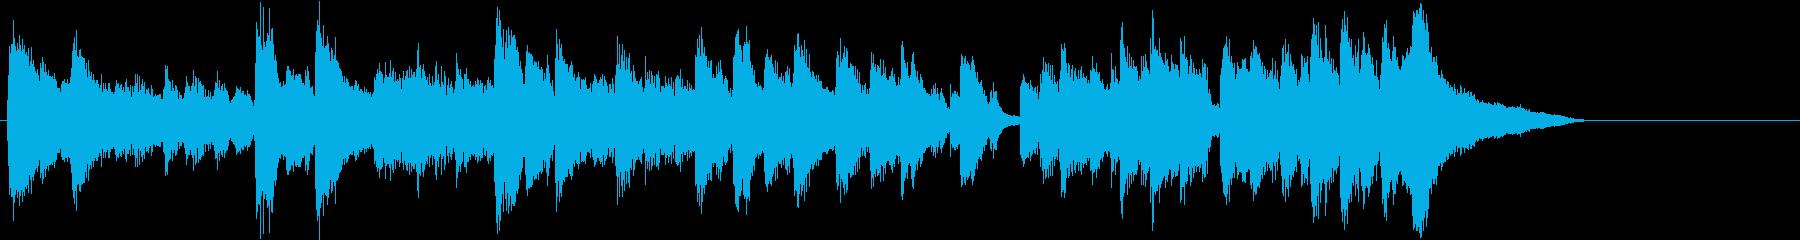 翔け抜けるアップテンポのピアノジングルの再生済みの波形